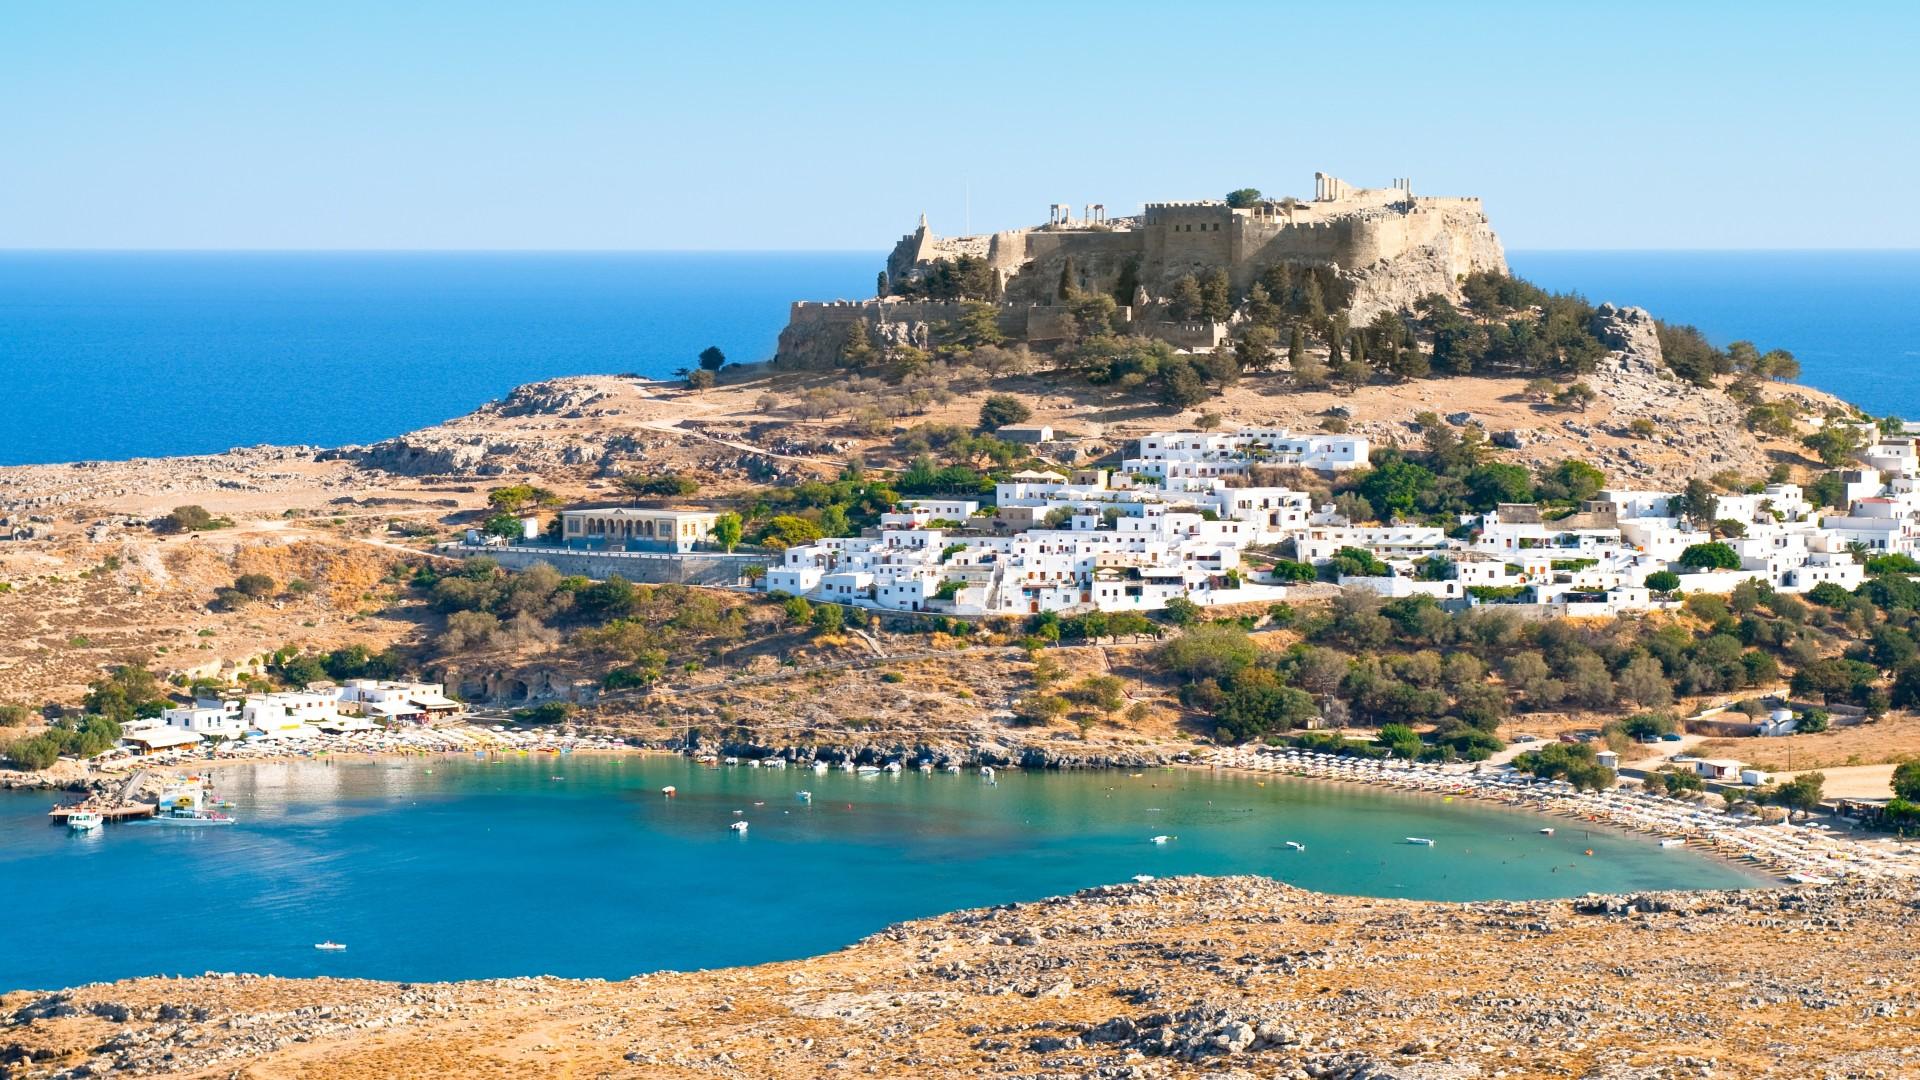 Acropolis op de heuvel in de oude Griekse stad Lindos op Rhodos